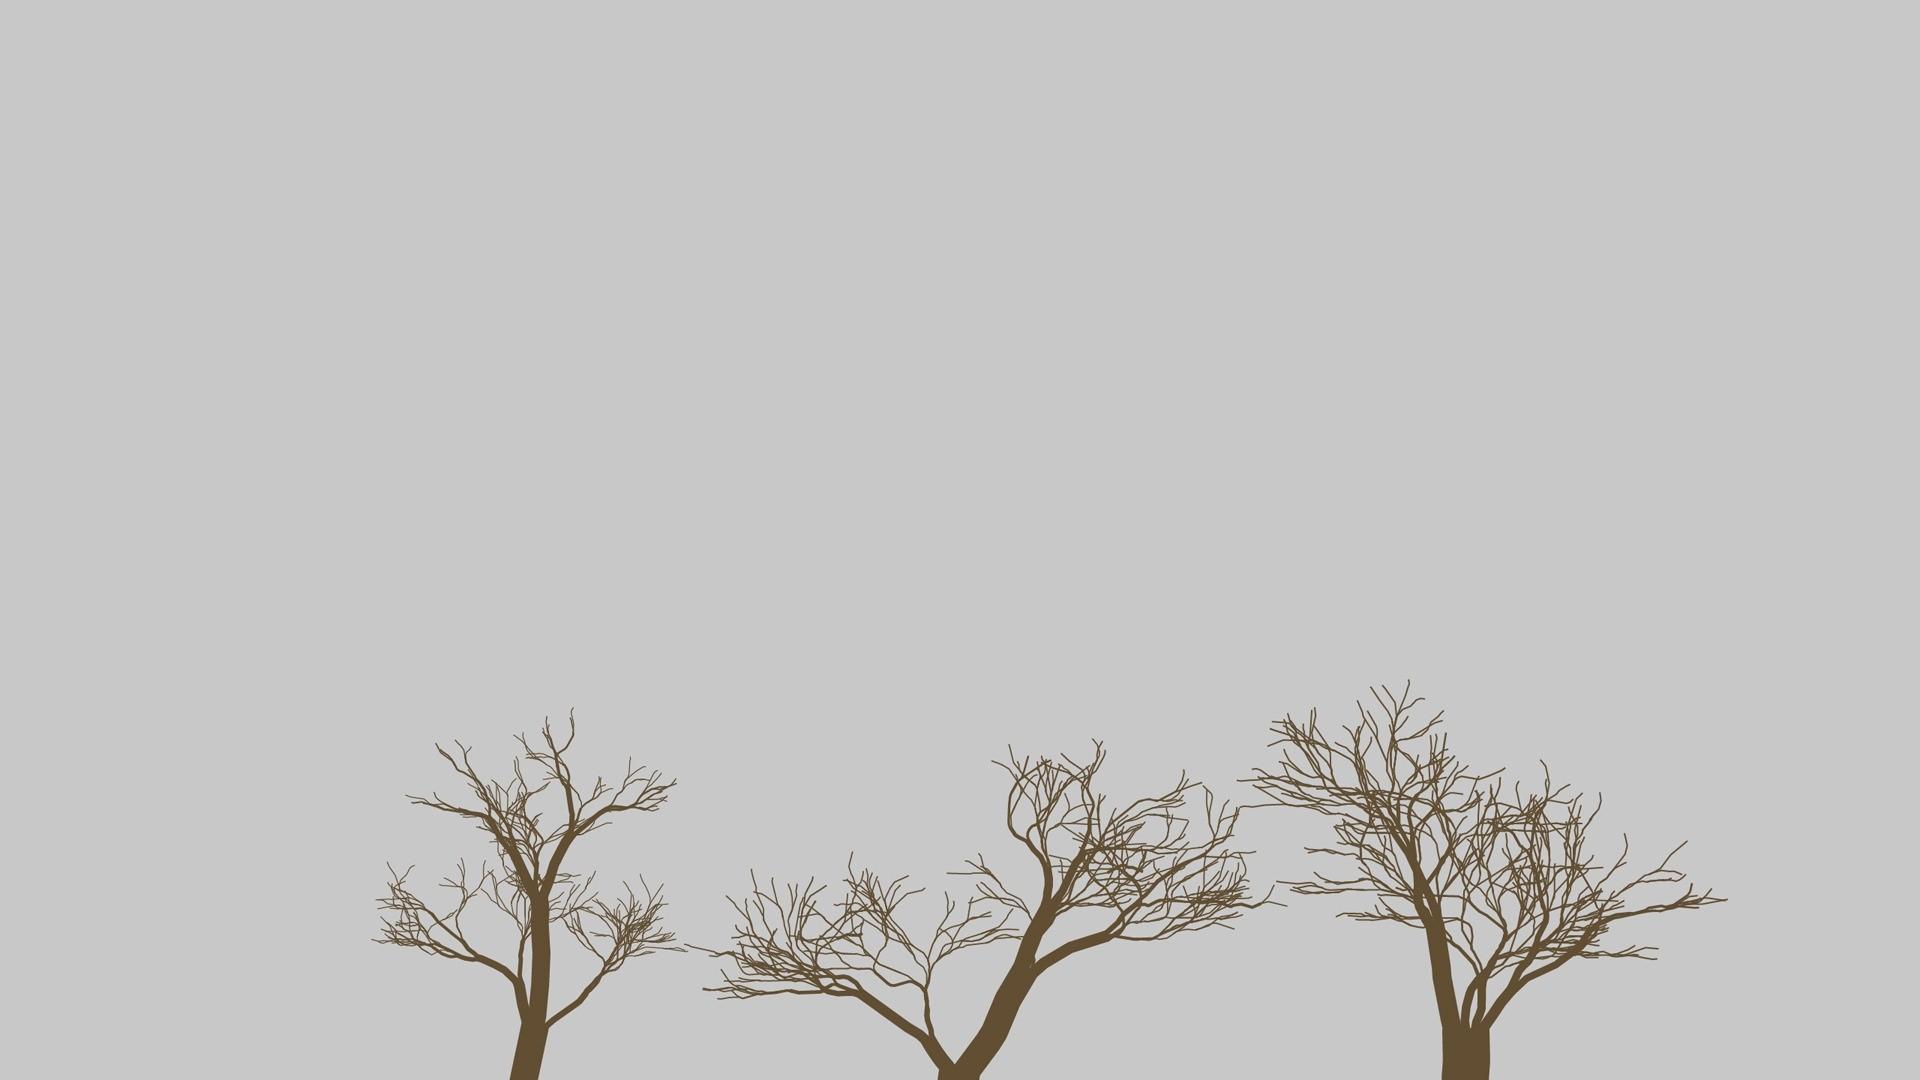 Tree Minimalist PC Wallpaper HD